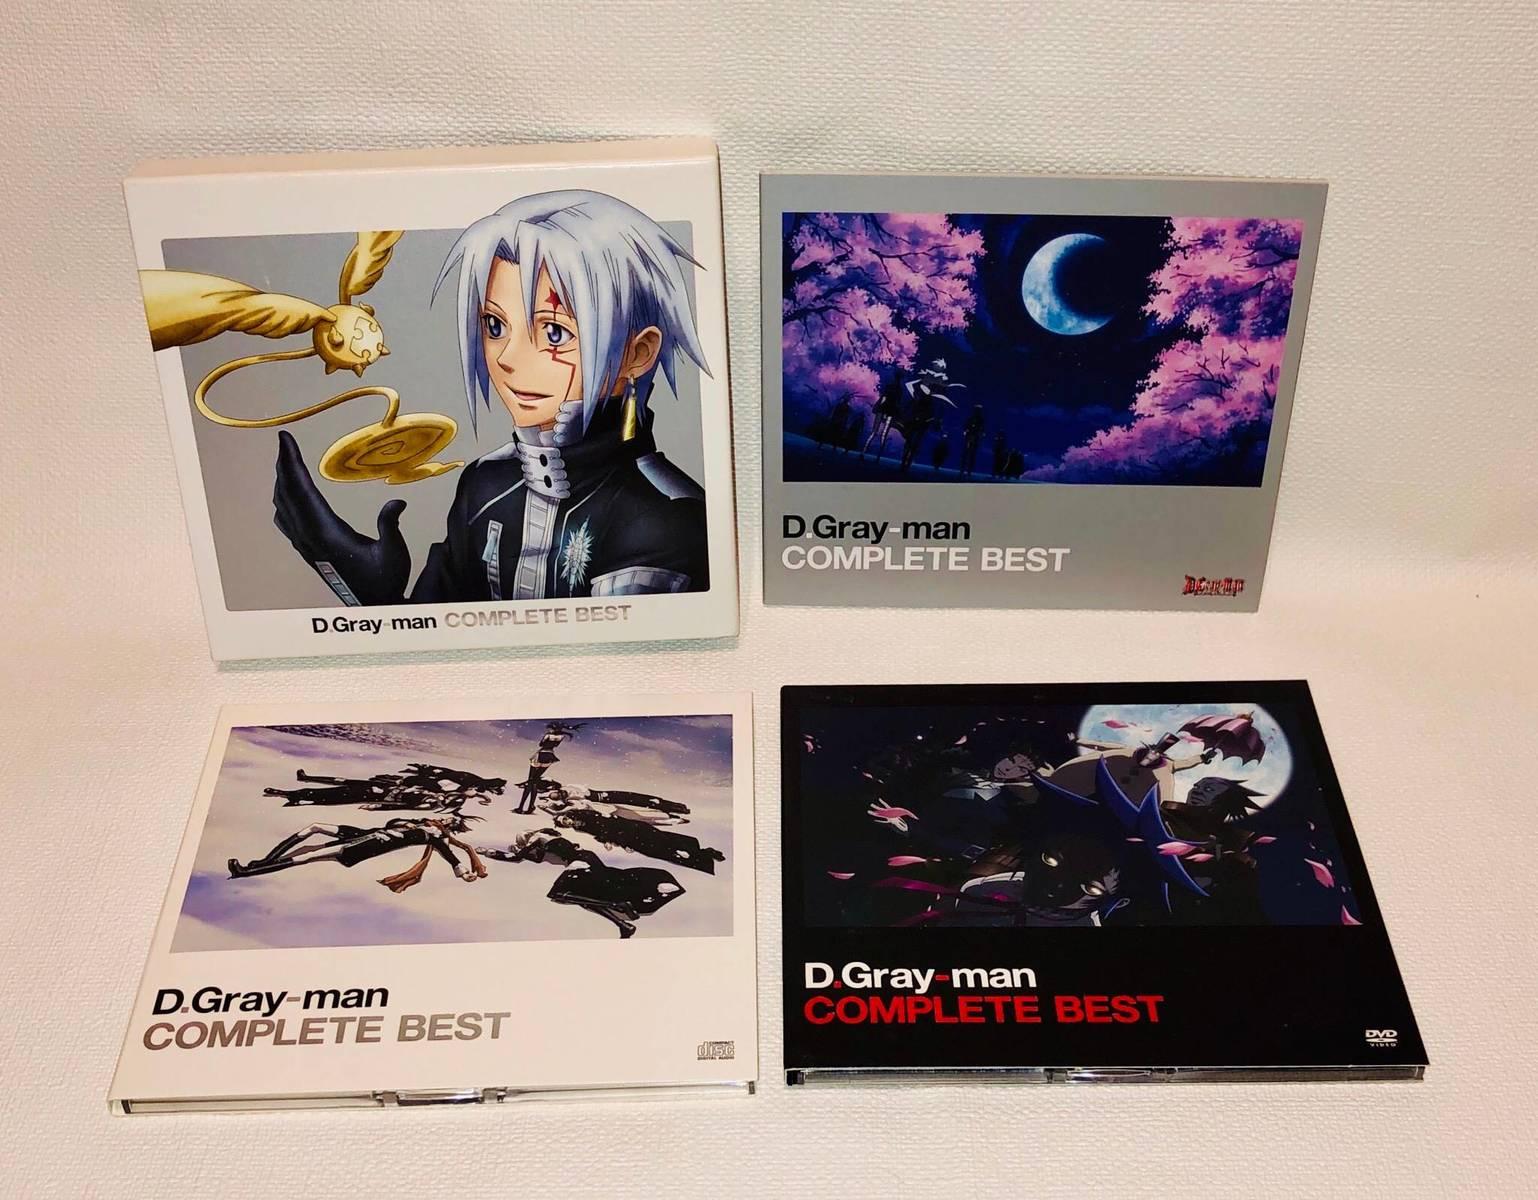 アニメソング, アニメタイトル・た行 D.Gray-man COMPLETE BEST(DVD)DISK()